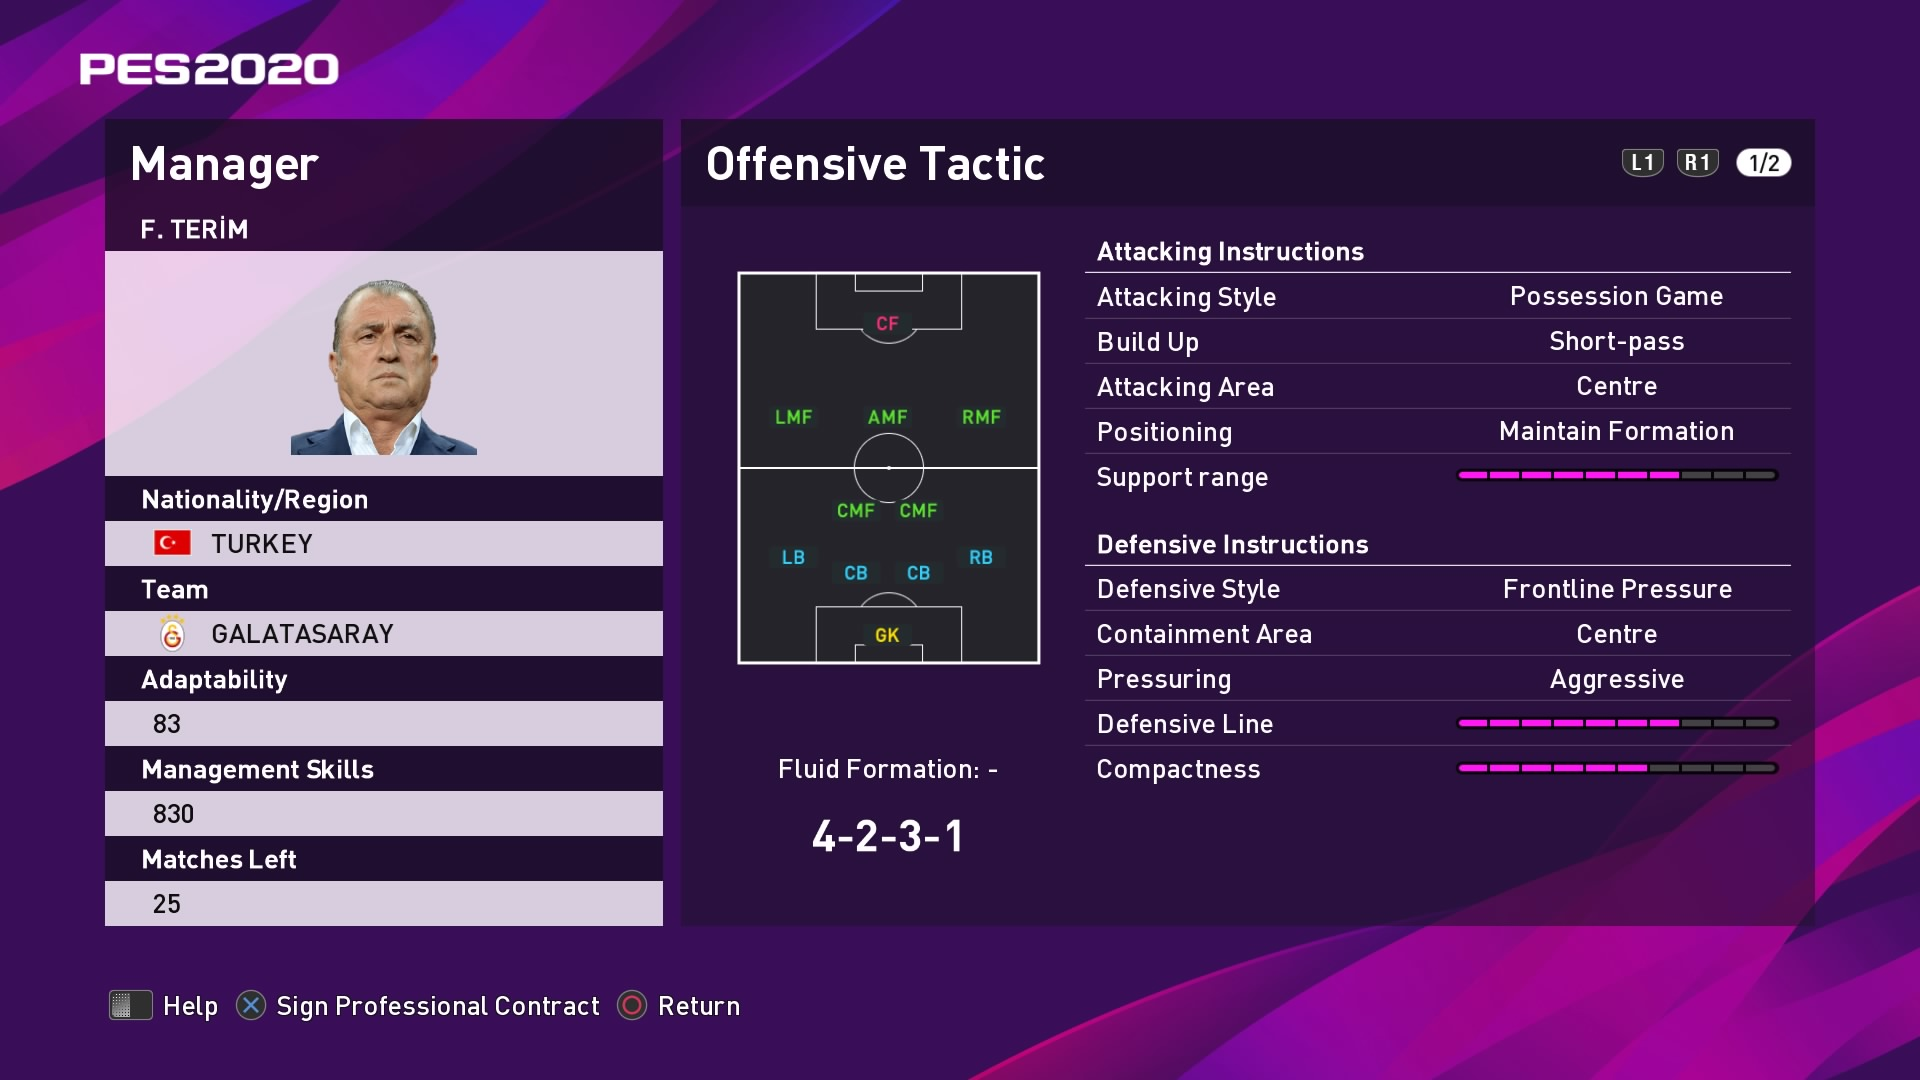 F. Terim (3) (Fatih Terim) Offensive Tactic in PES 2020 myClub